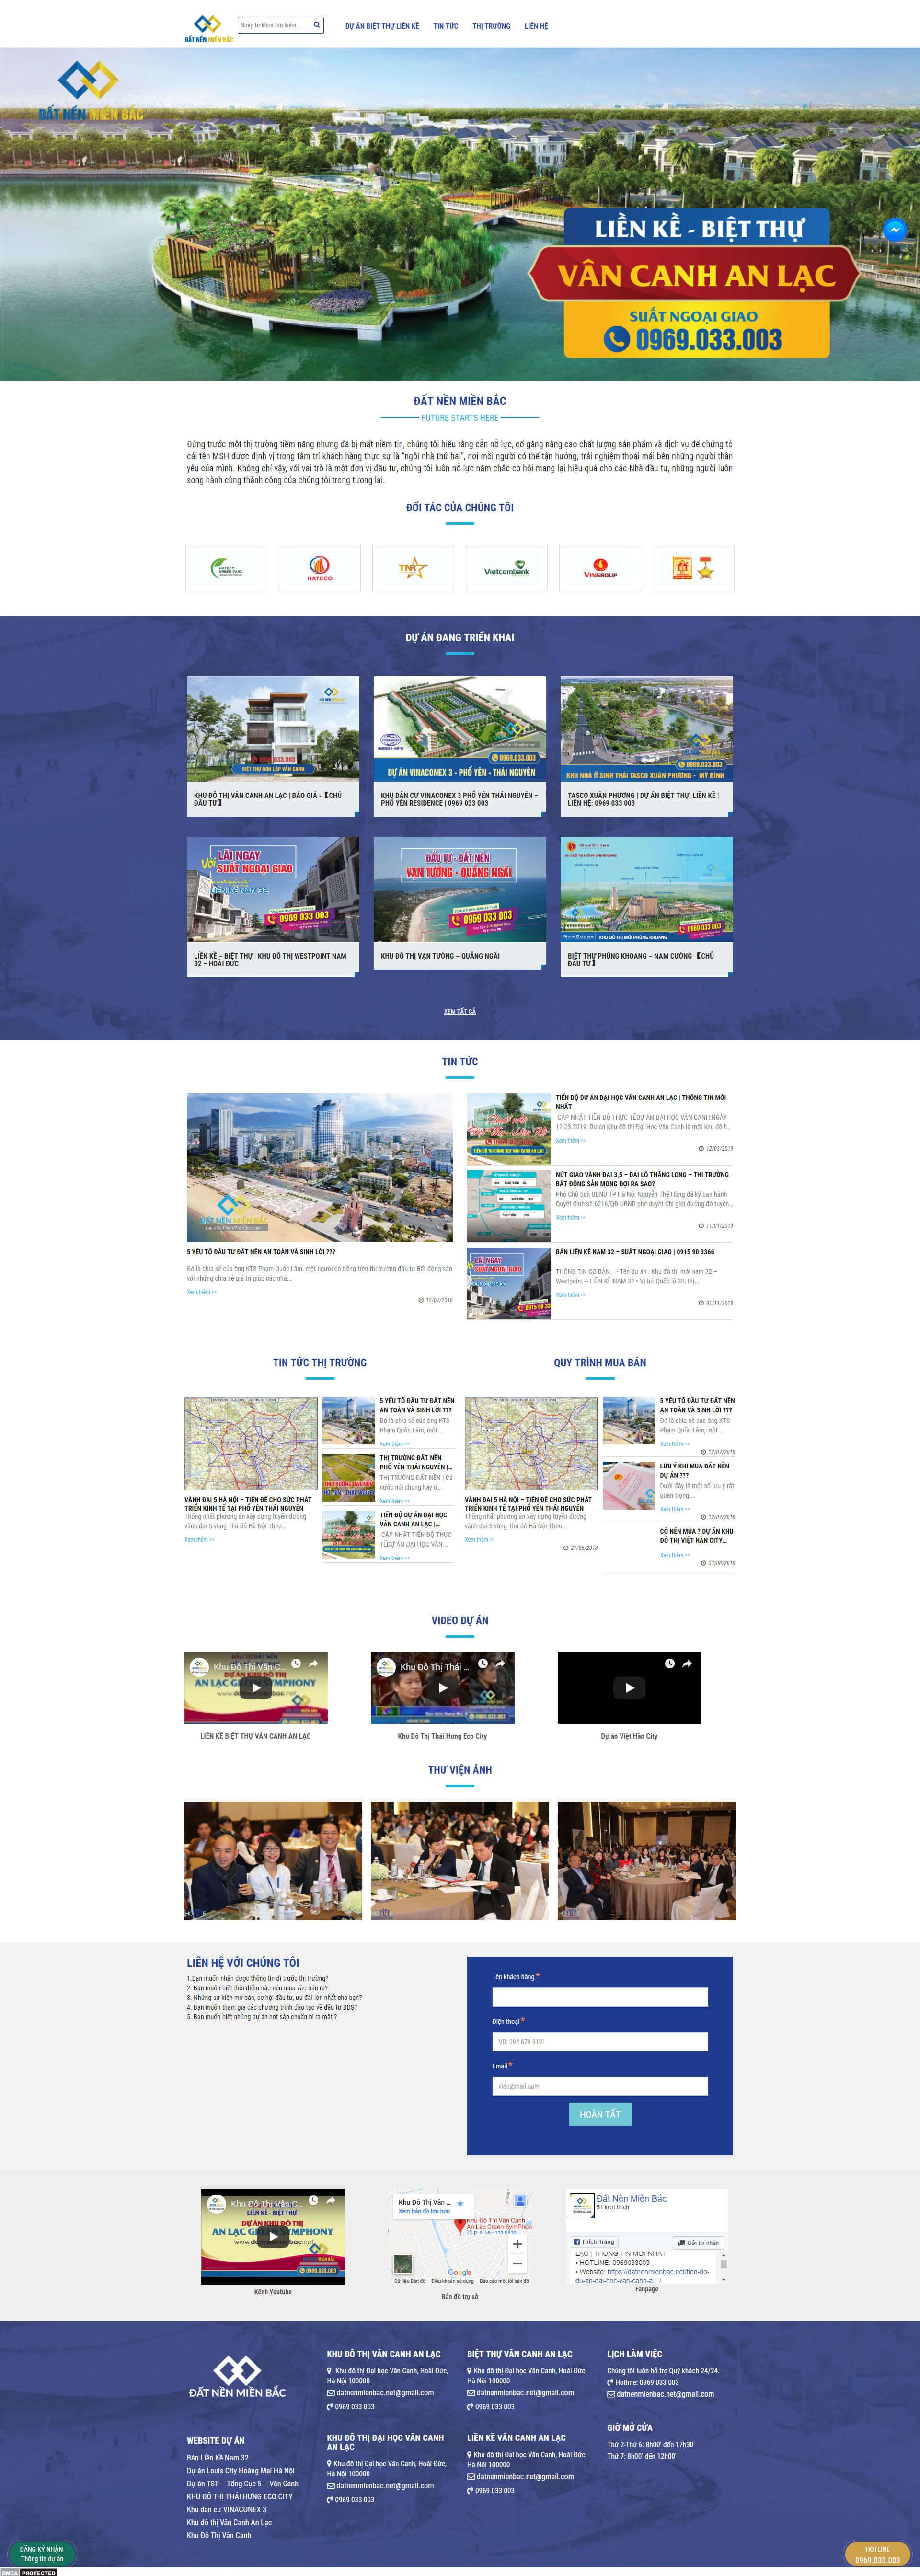 Mẫu website bất động sản cho nhiều dự án 4